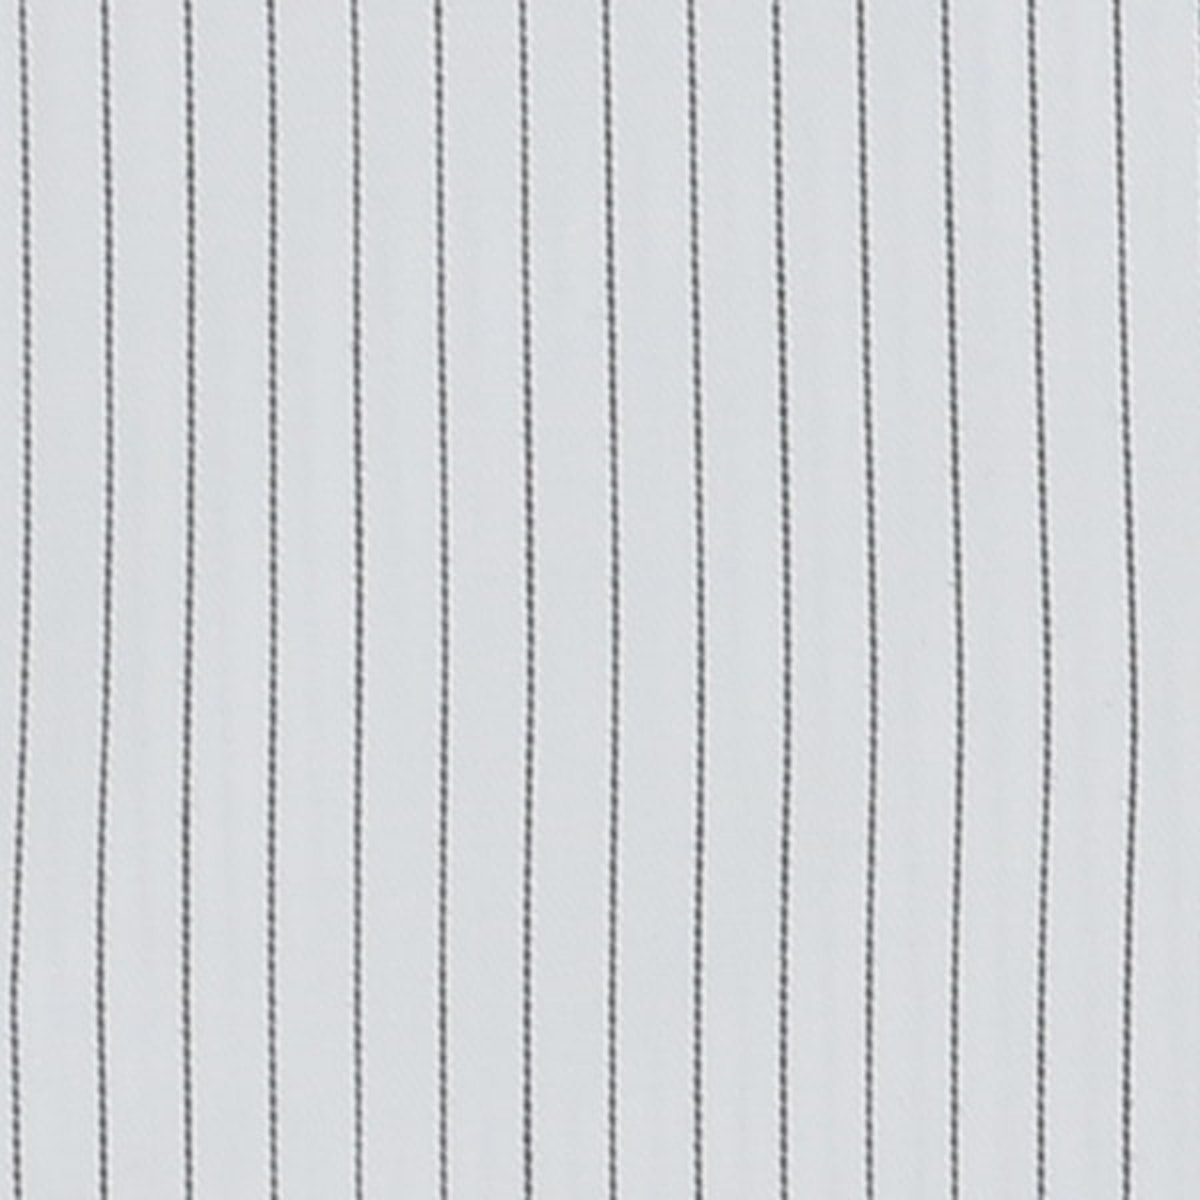 InStitchu Shirt Fabric 249